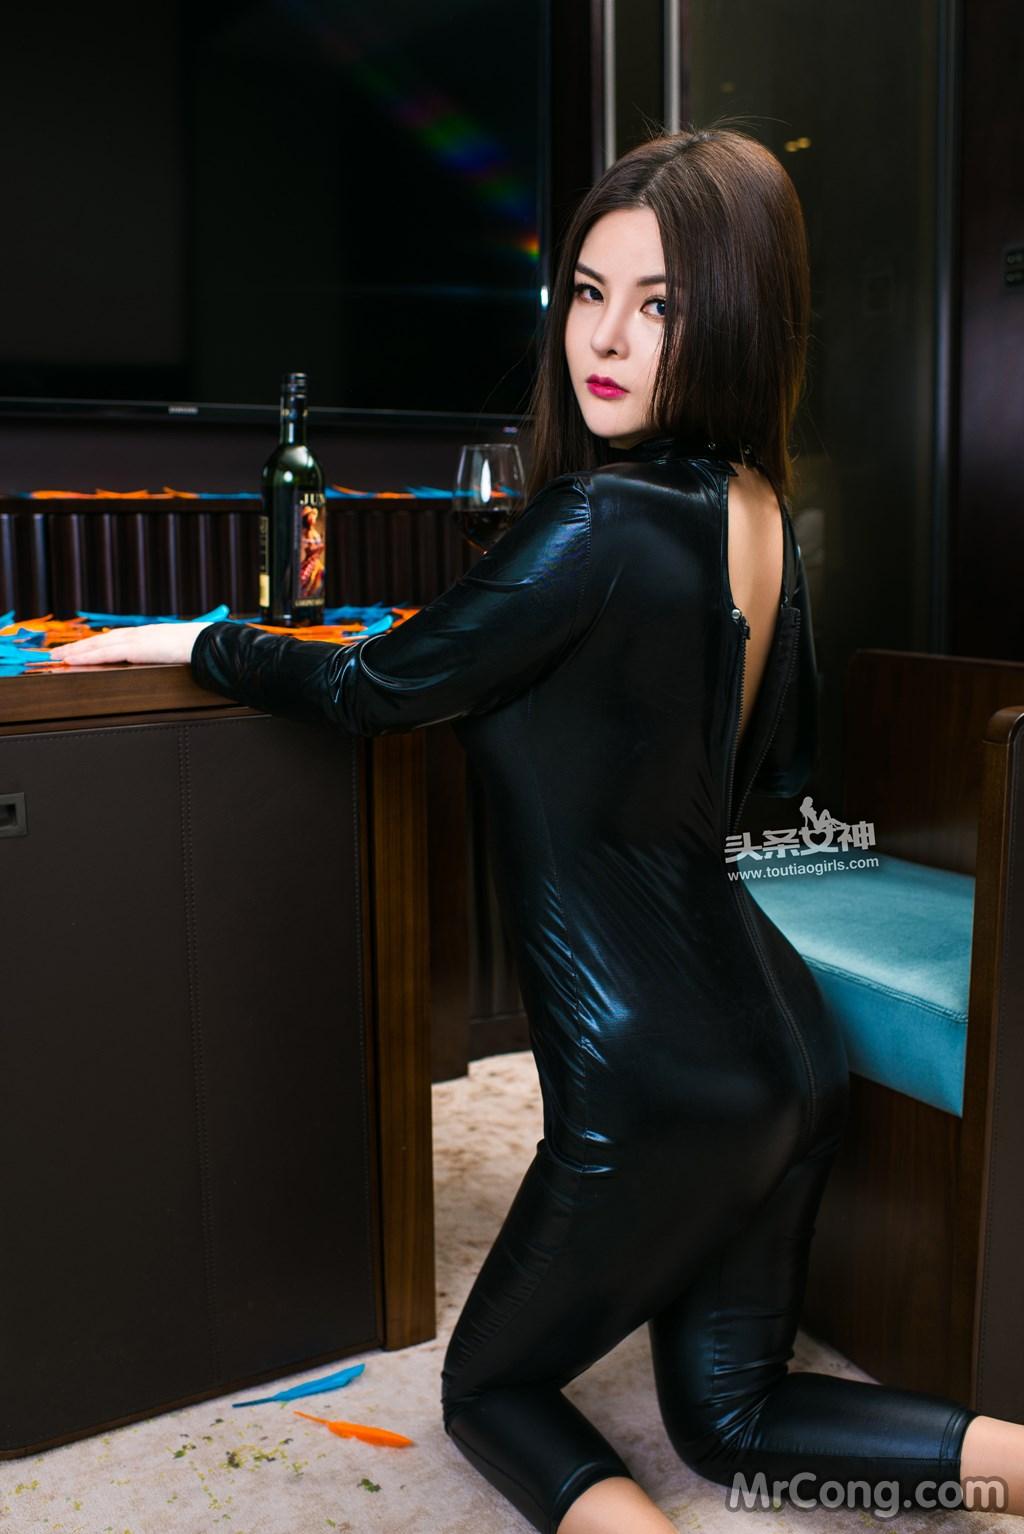 Image MrCong.com-TouTiao-2017-02-11-Tong-An-Qi-009 in post TouTiao 2017-02-11: Người mẫu Tong An Qi (童安琪) (27 ảnh)